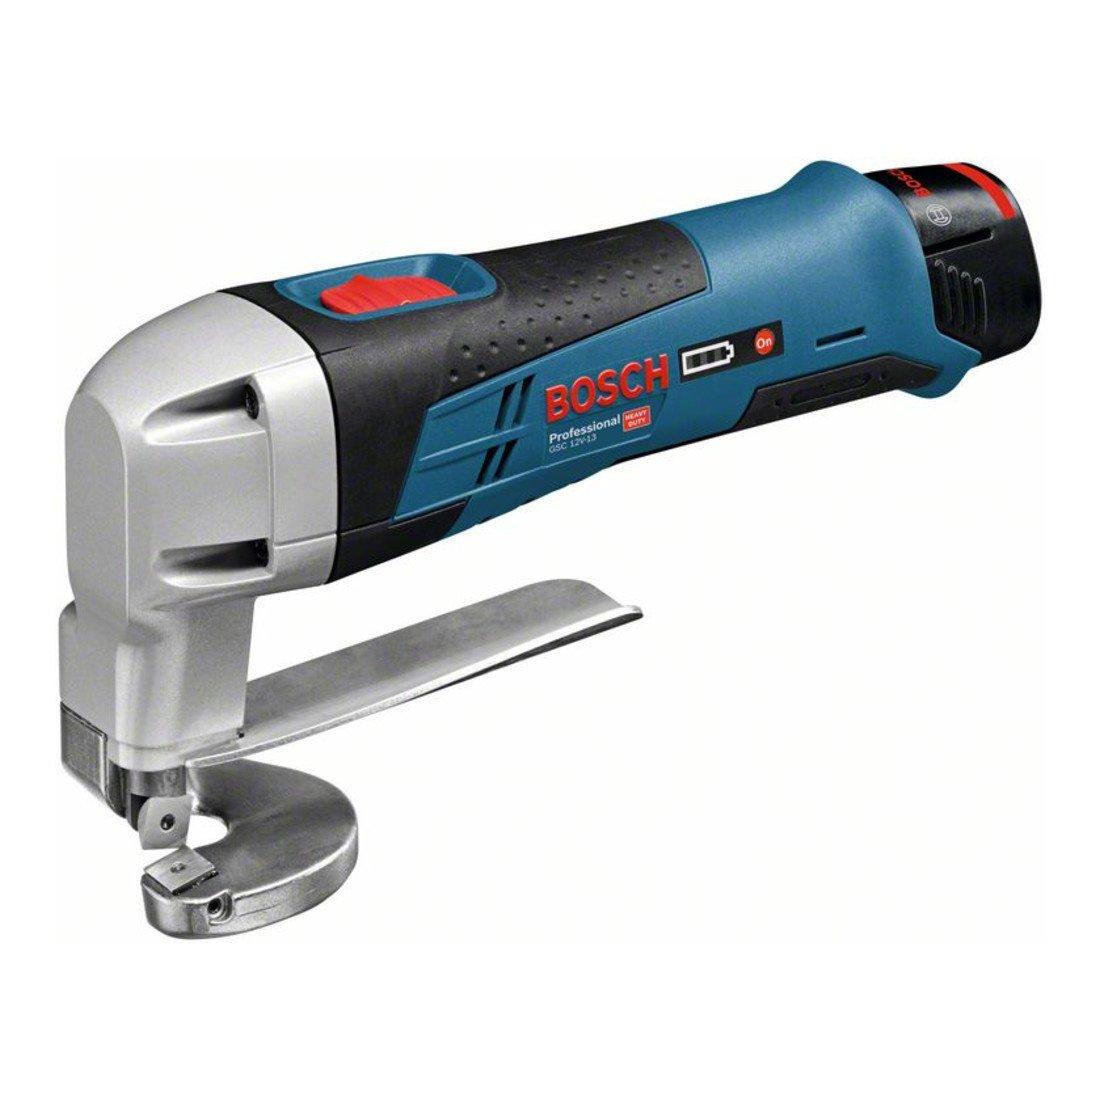 Bosch Professional GSC 10,8 V-LI Scheere 2x2,0 Ah L-B B00DSUA6LC | Glücklicher Startpunkt